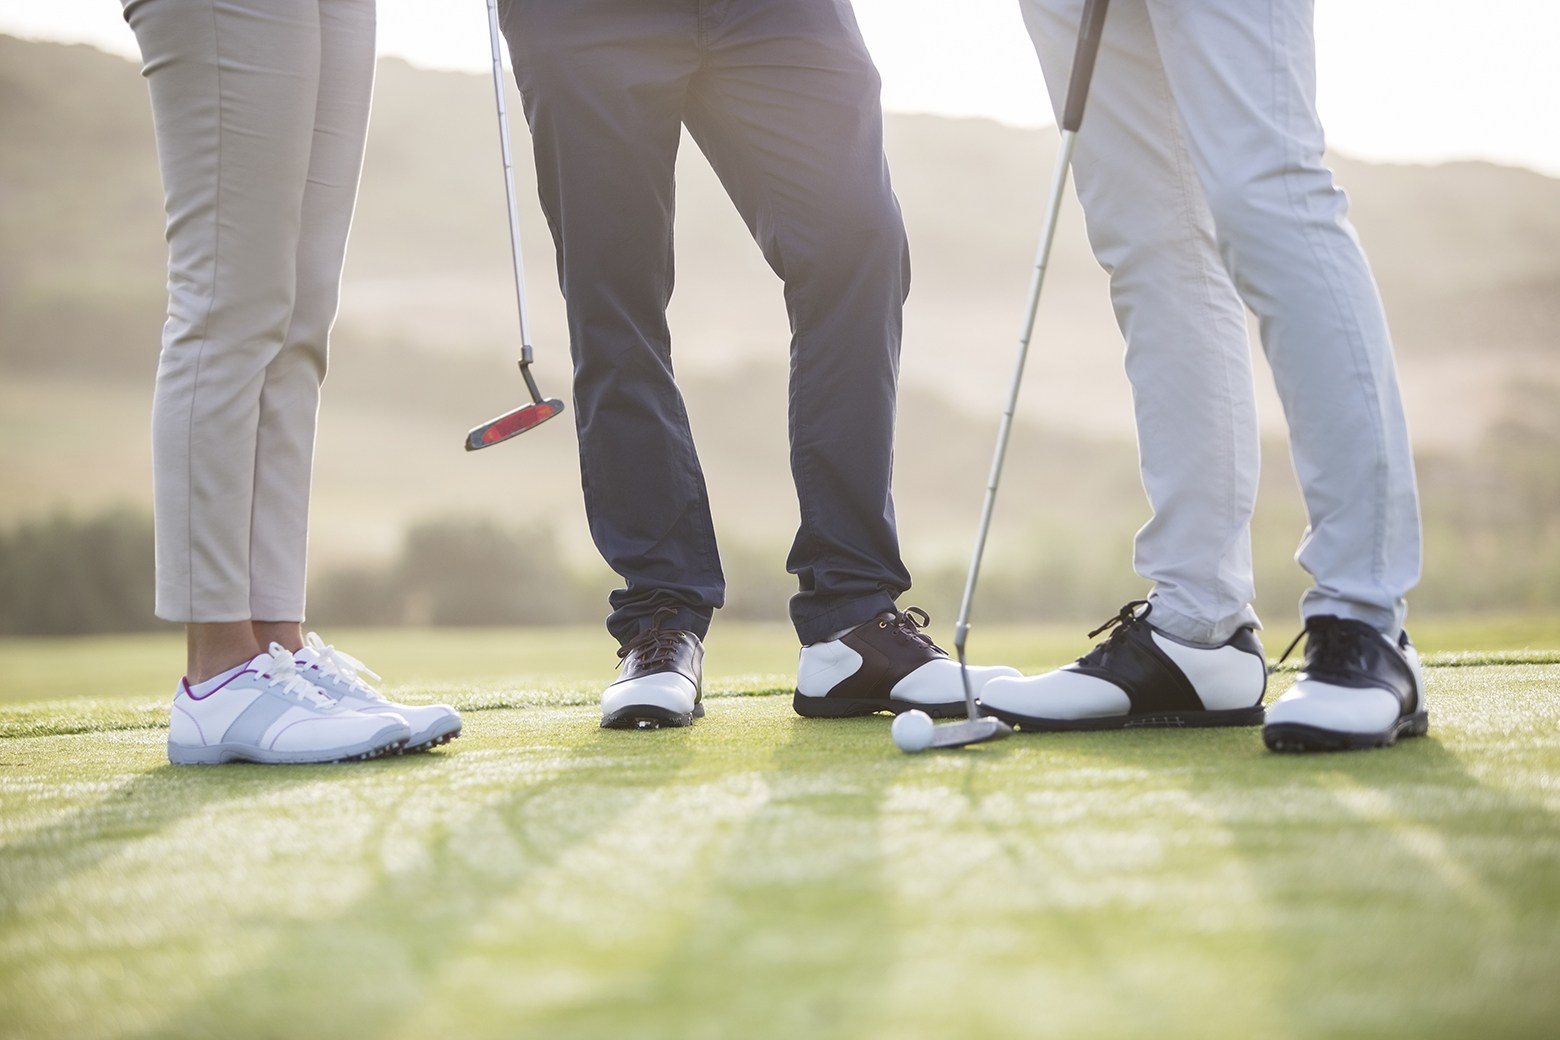 Ecco golf shoes3